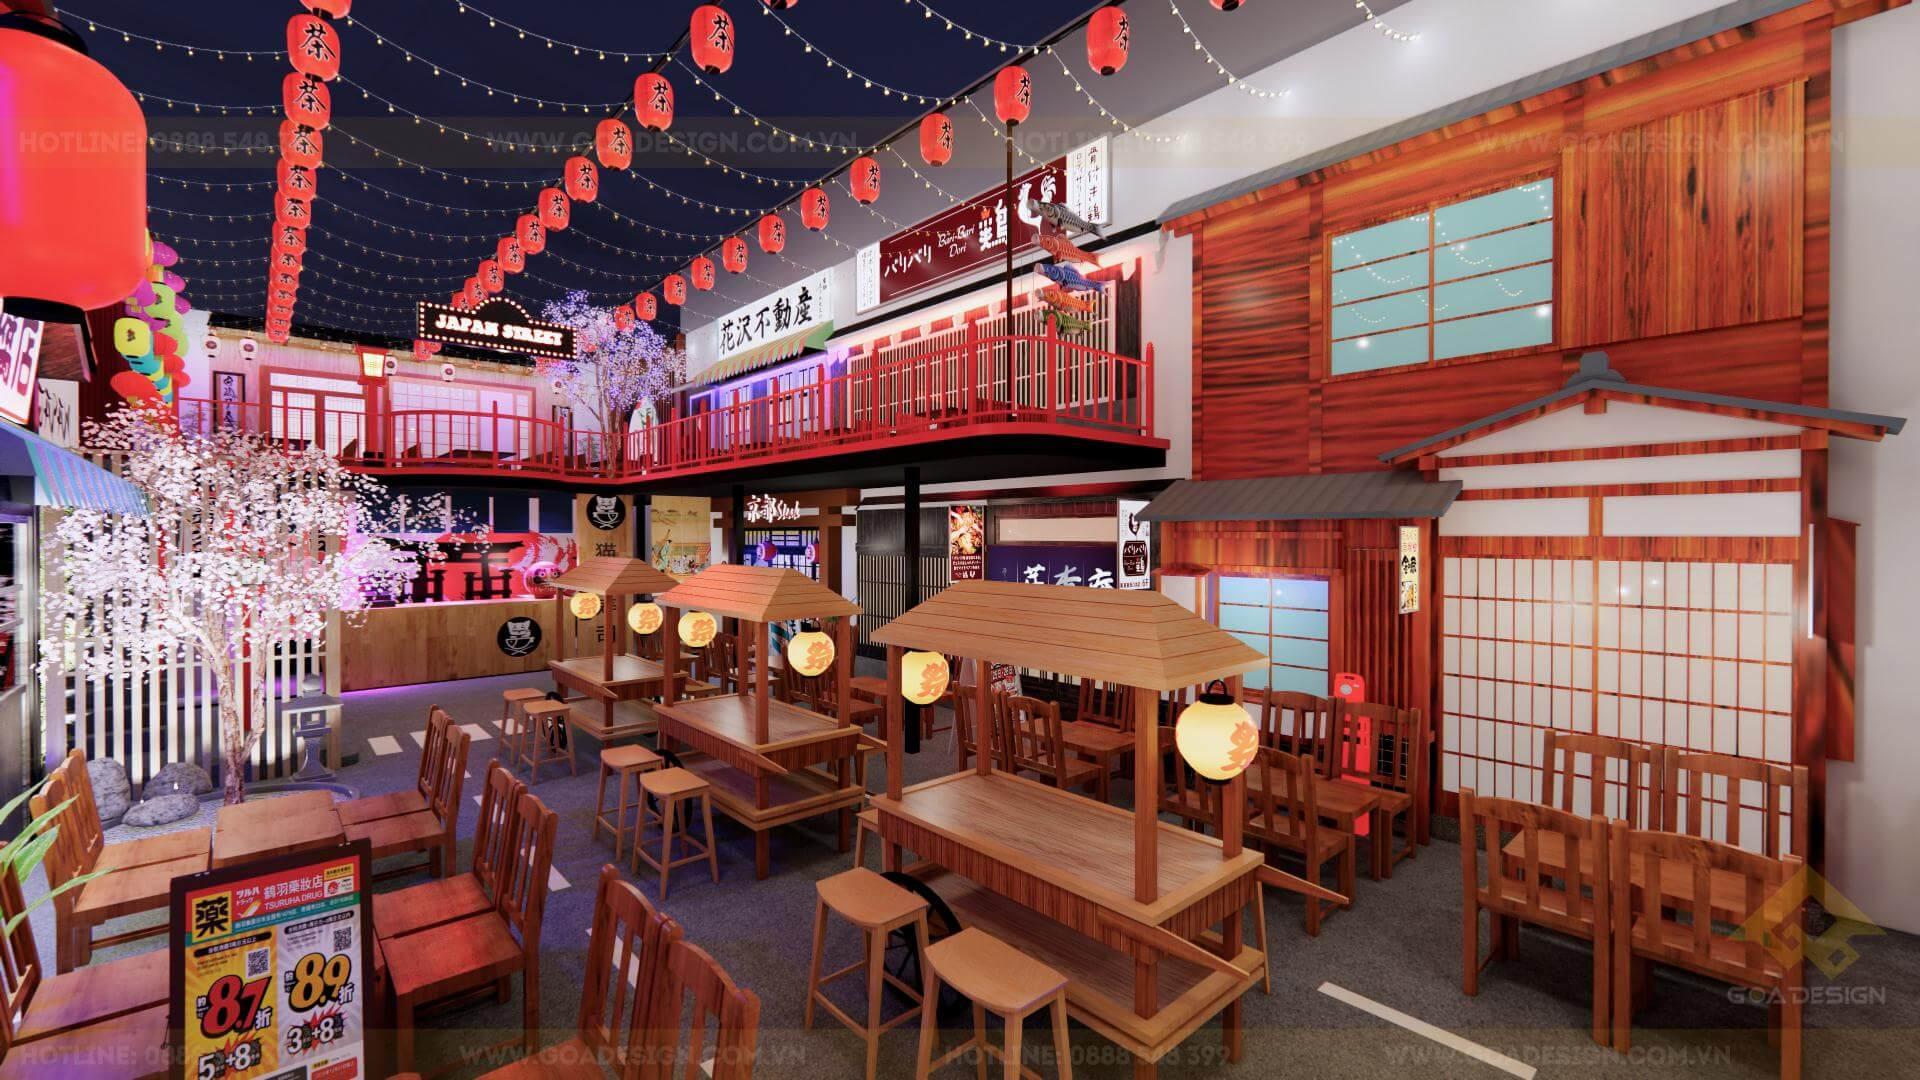 GOADESIGN Tư vấn thiết kế thi công phim trường chụp ảnh-concept Nhật Bản (4)